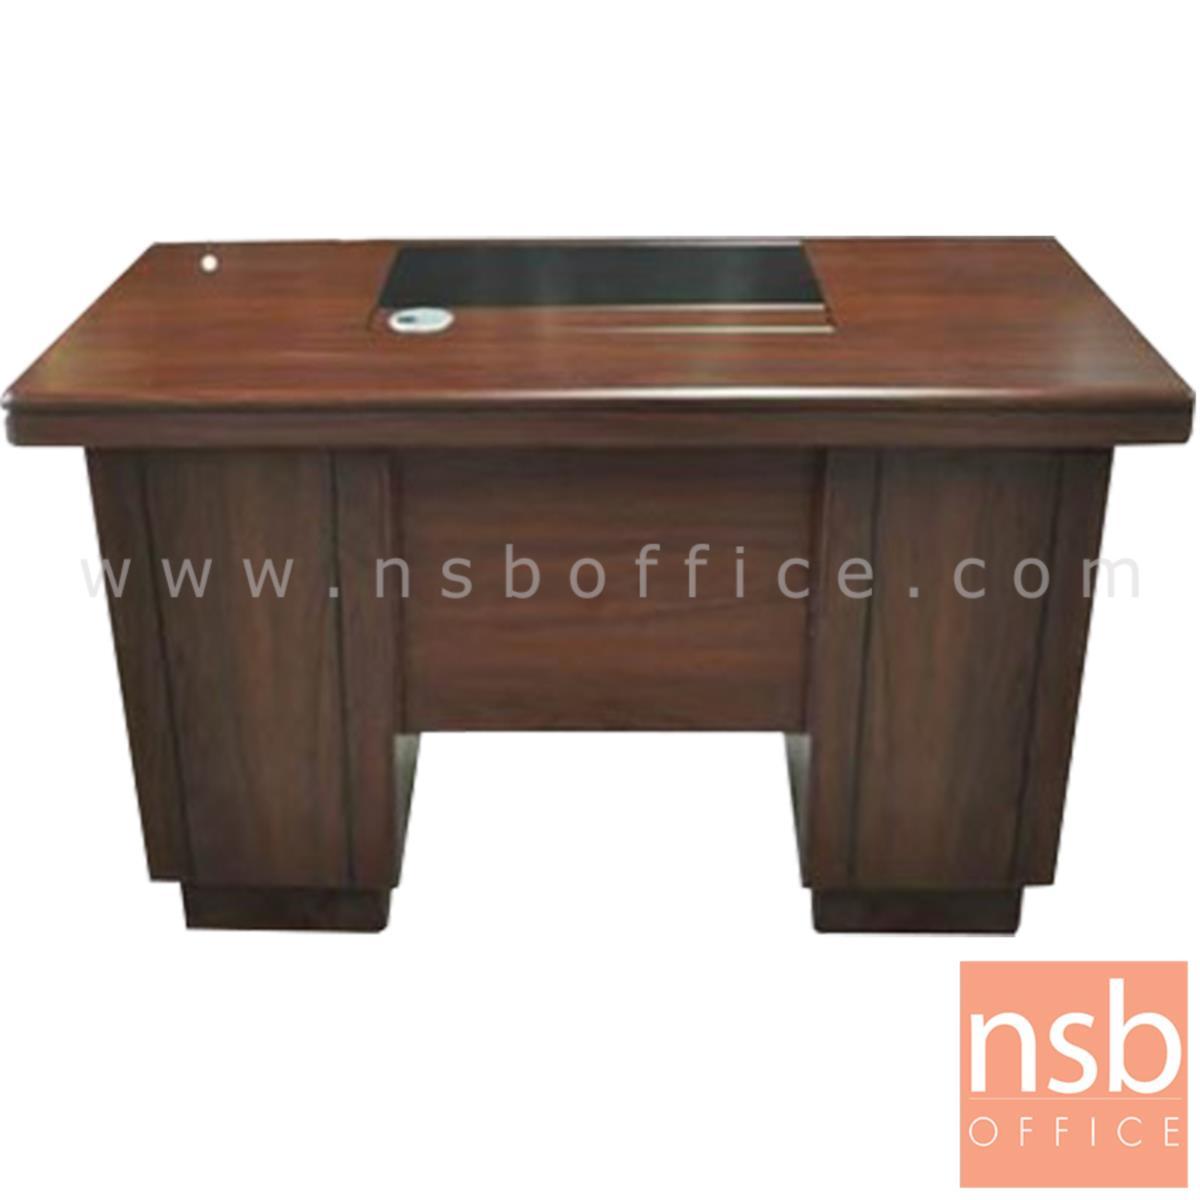 โต๊ะผู้บริหาร รุ่น NIZHNY (นิจนี) ขนาด 140W cm.